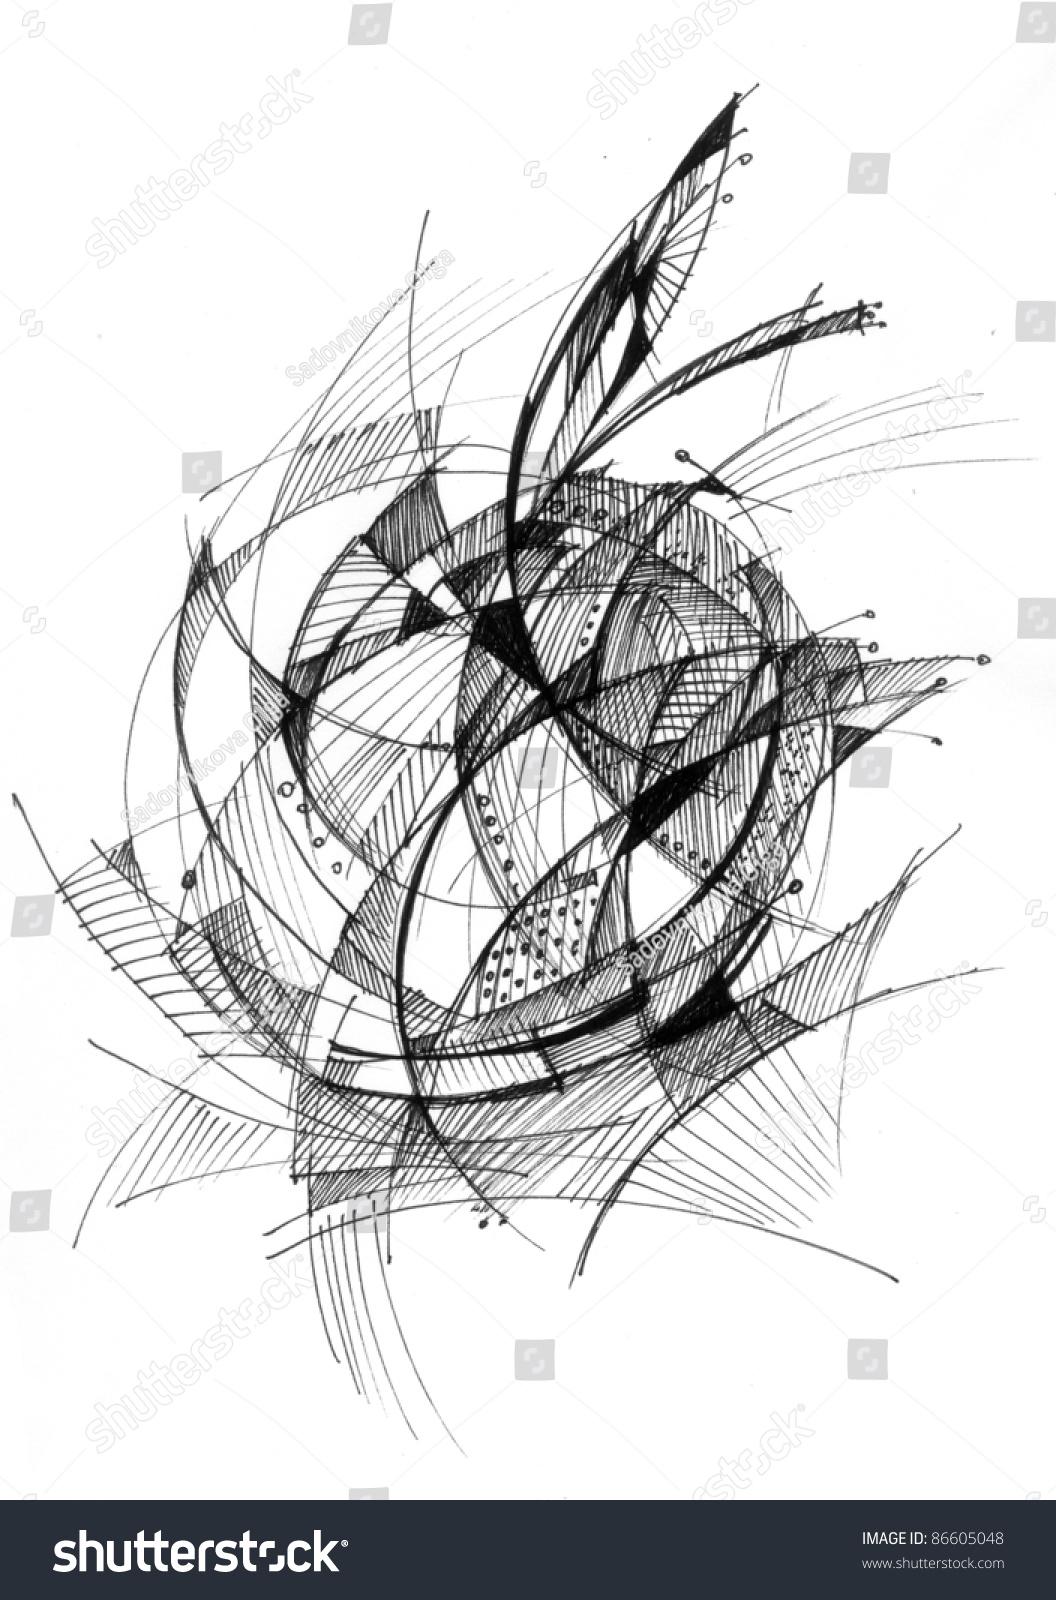 杯子类结构素描